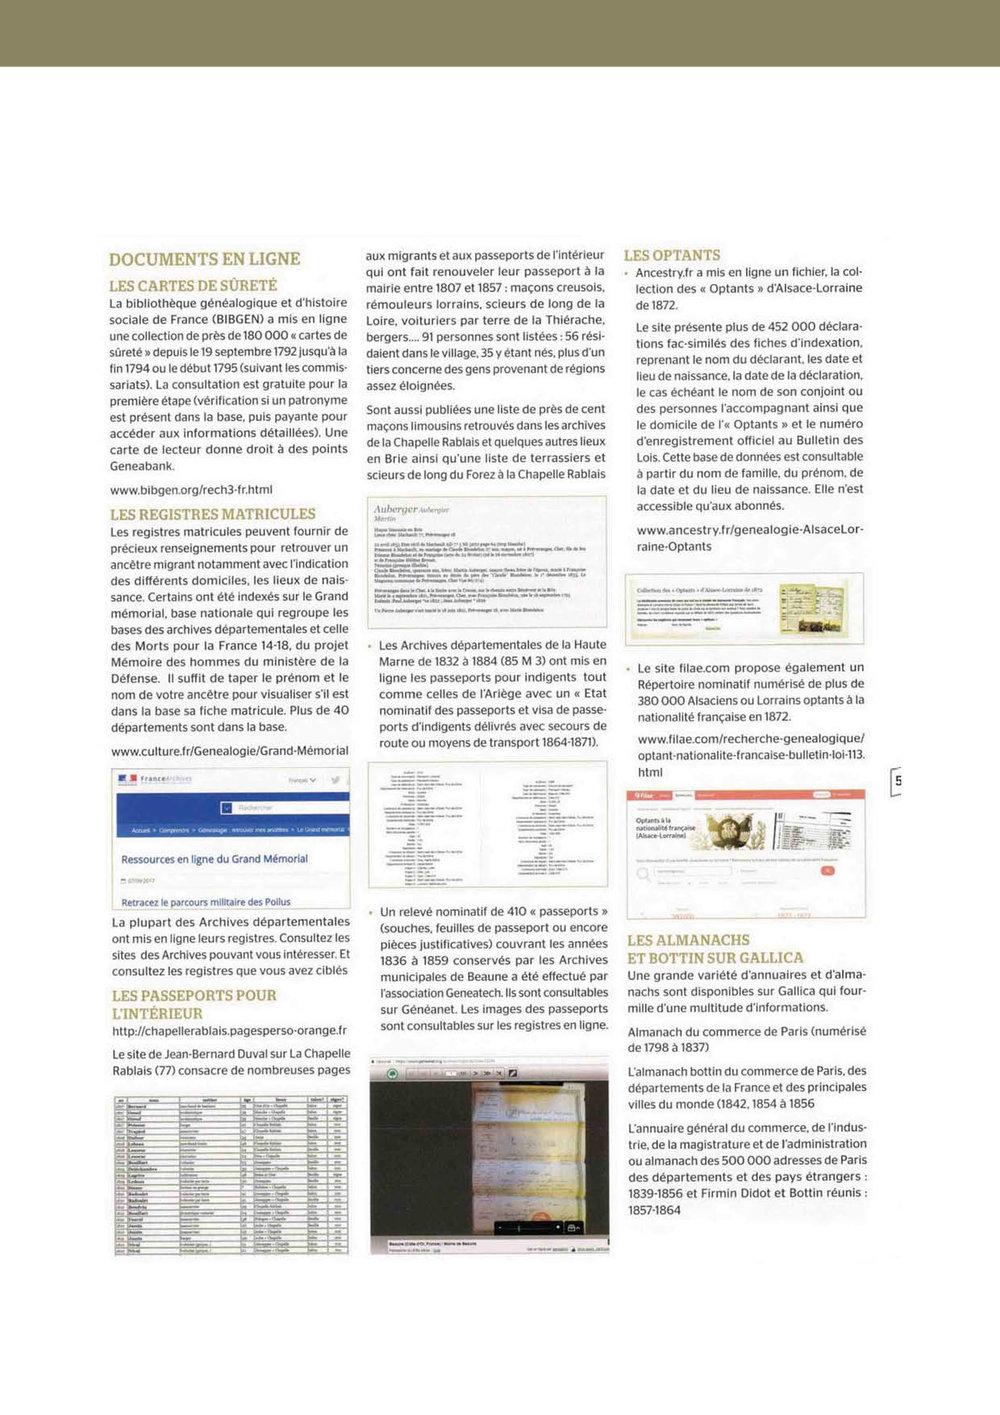 BOOKMEDIA_FEV_WEB19.jpg